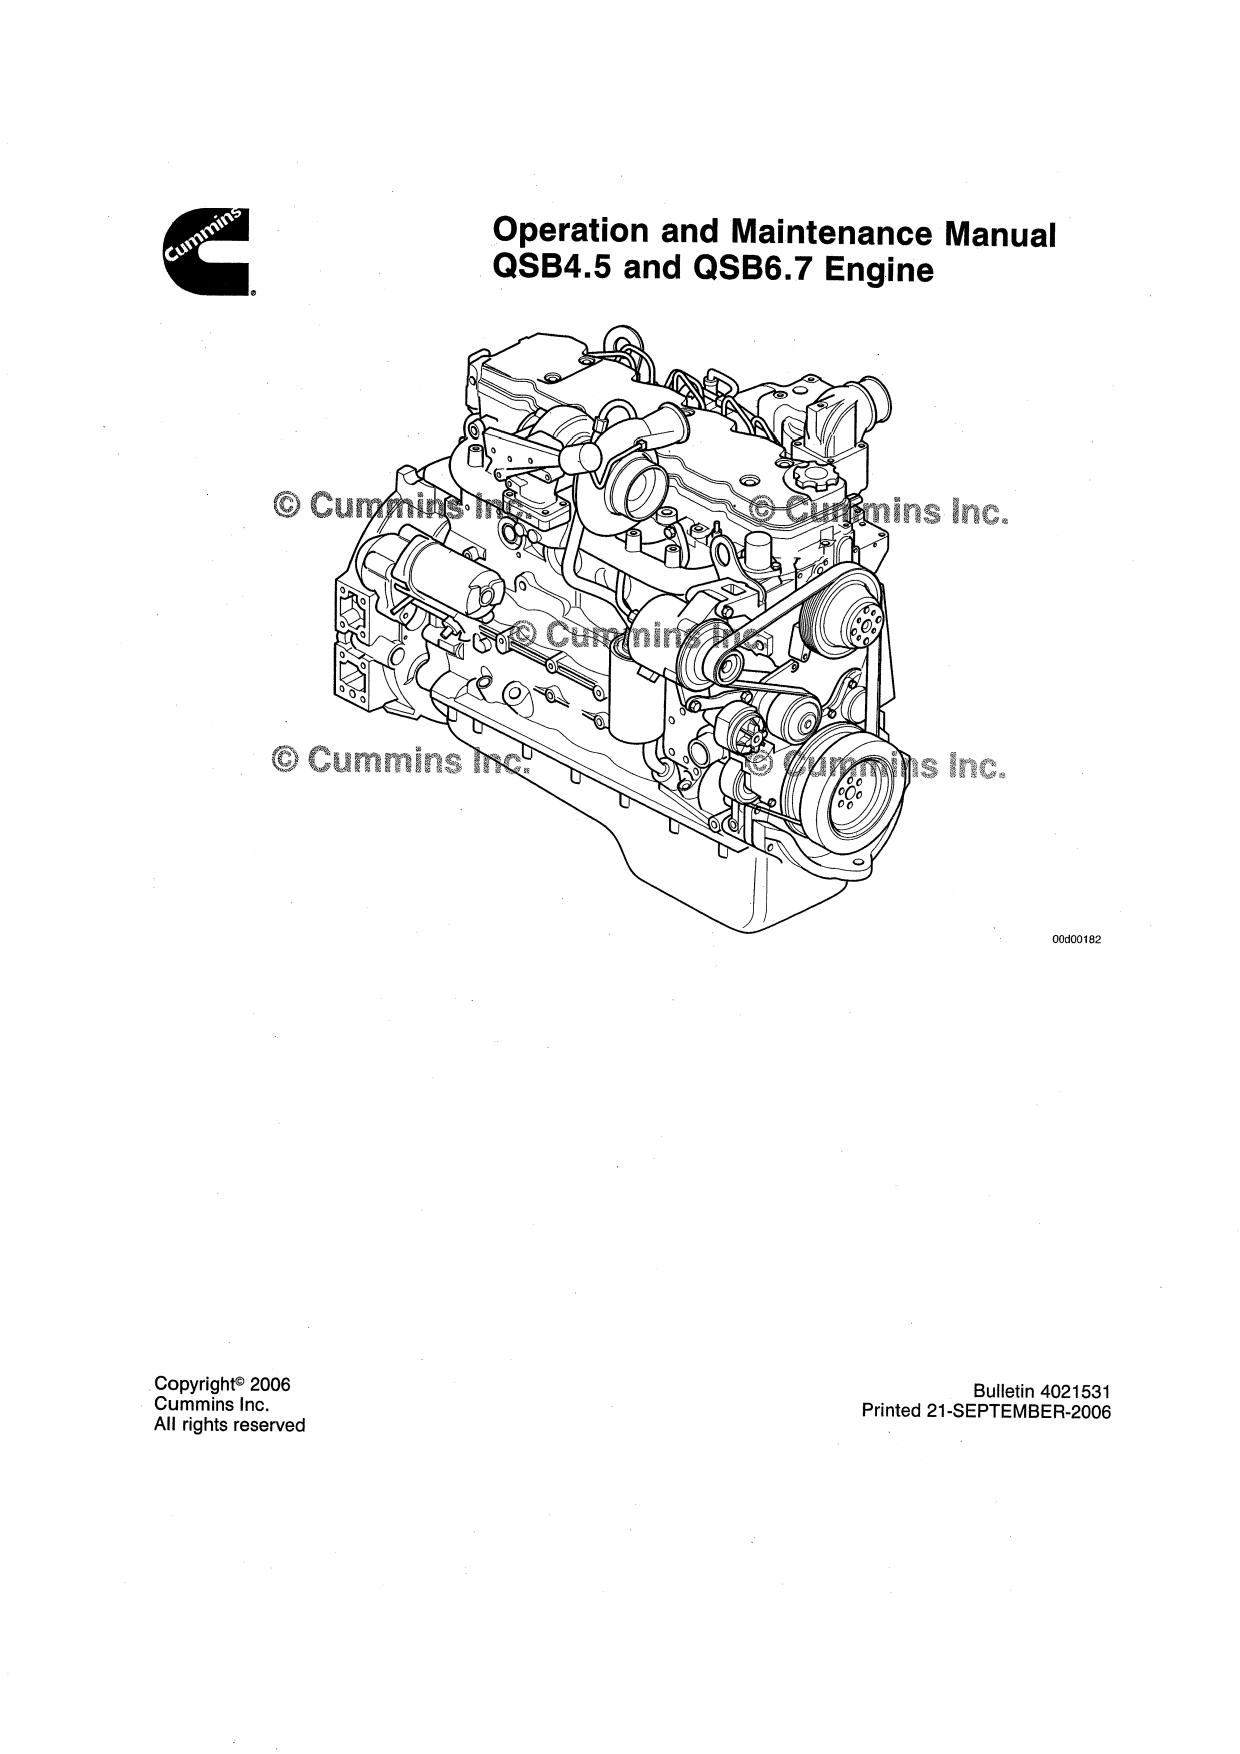 Ремонт и эксплуатация CUMMINS QSB4.5 AND 6.7(Tier3)